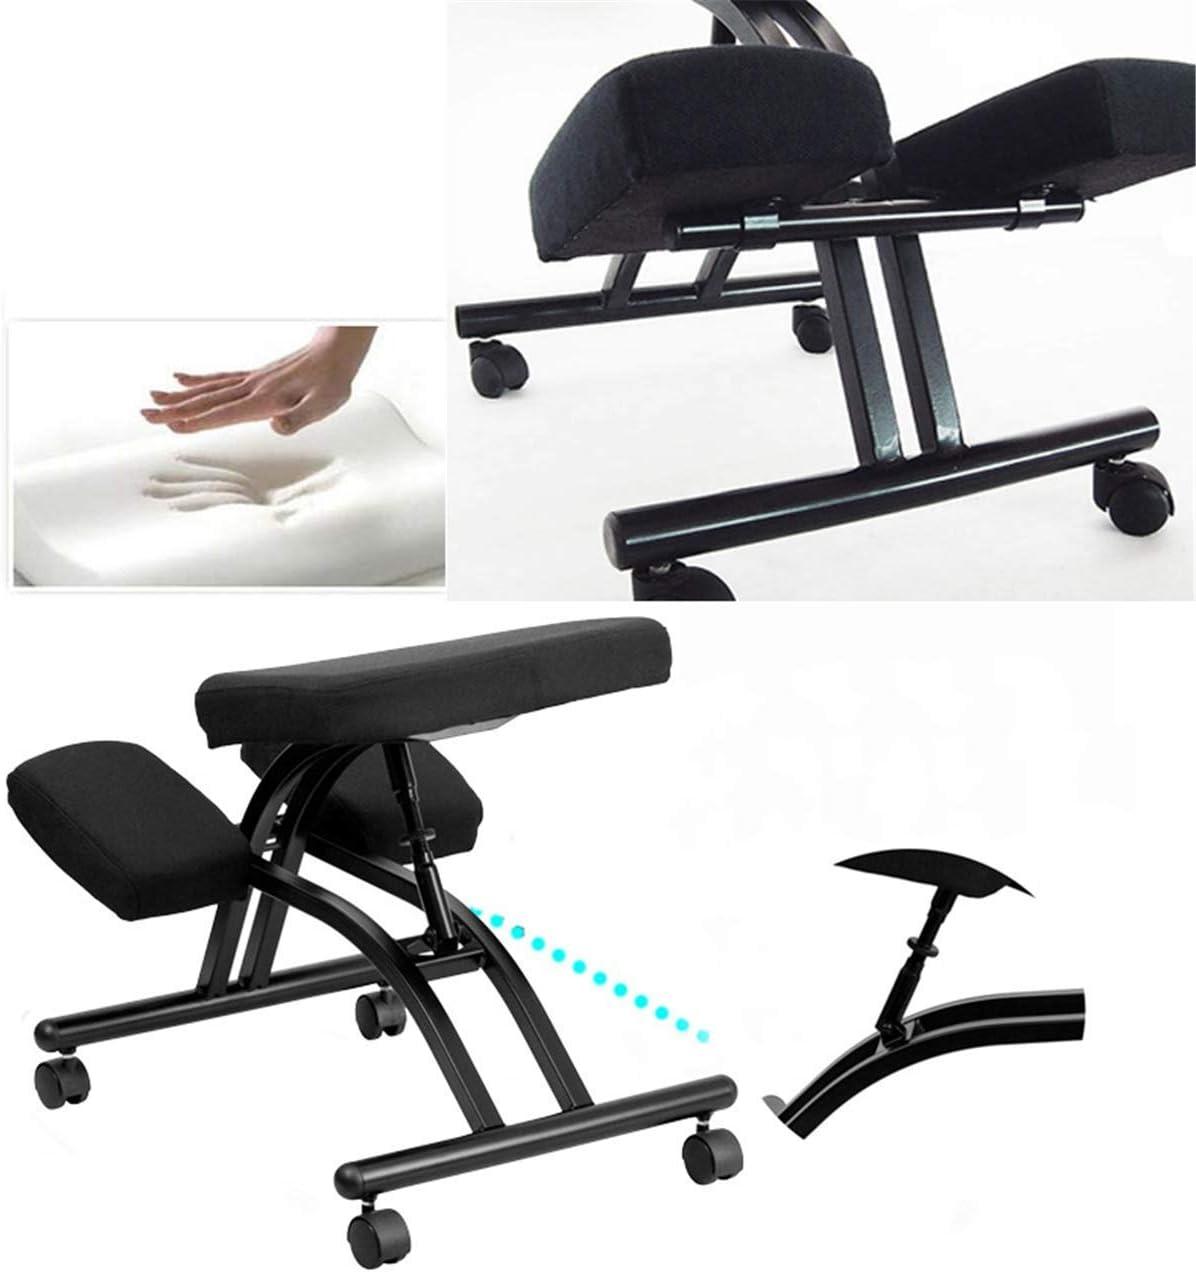 YAMMY Autopeck Chaise de Posture Ergonomique genouillère Ergonomique Support de Bureau Tabouret siège réglable Maison Confortable siège orthopédique épais Khaki